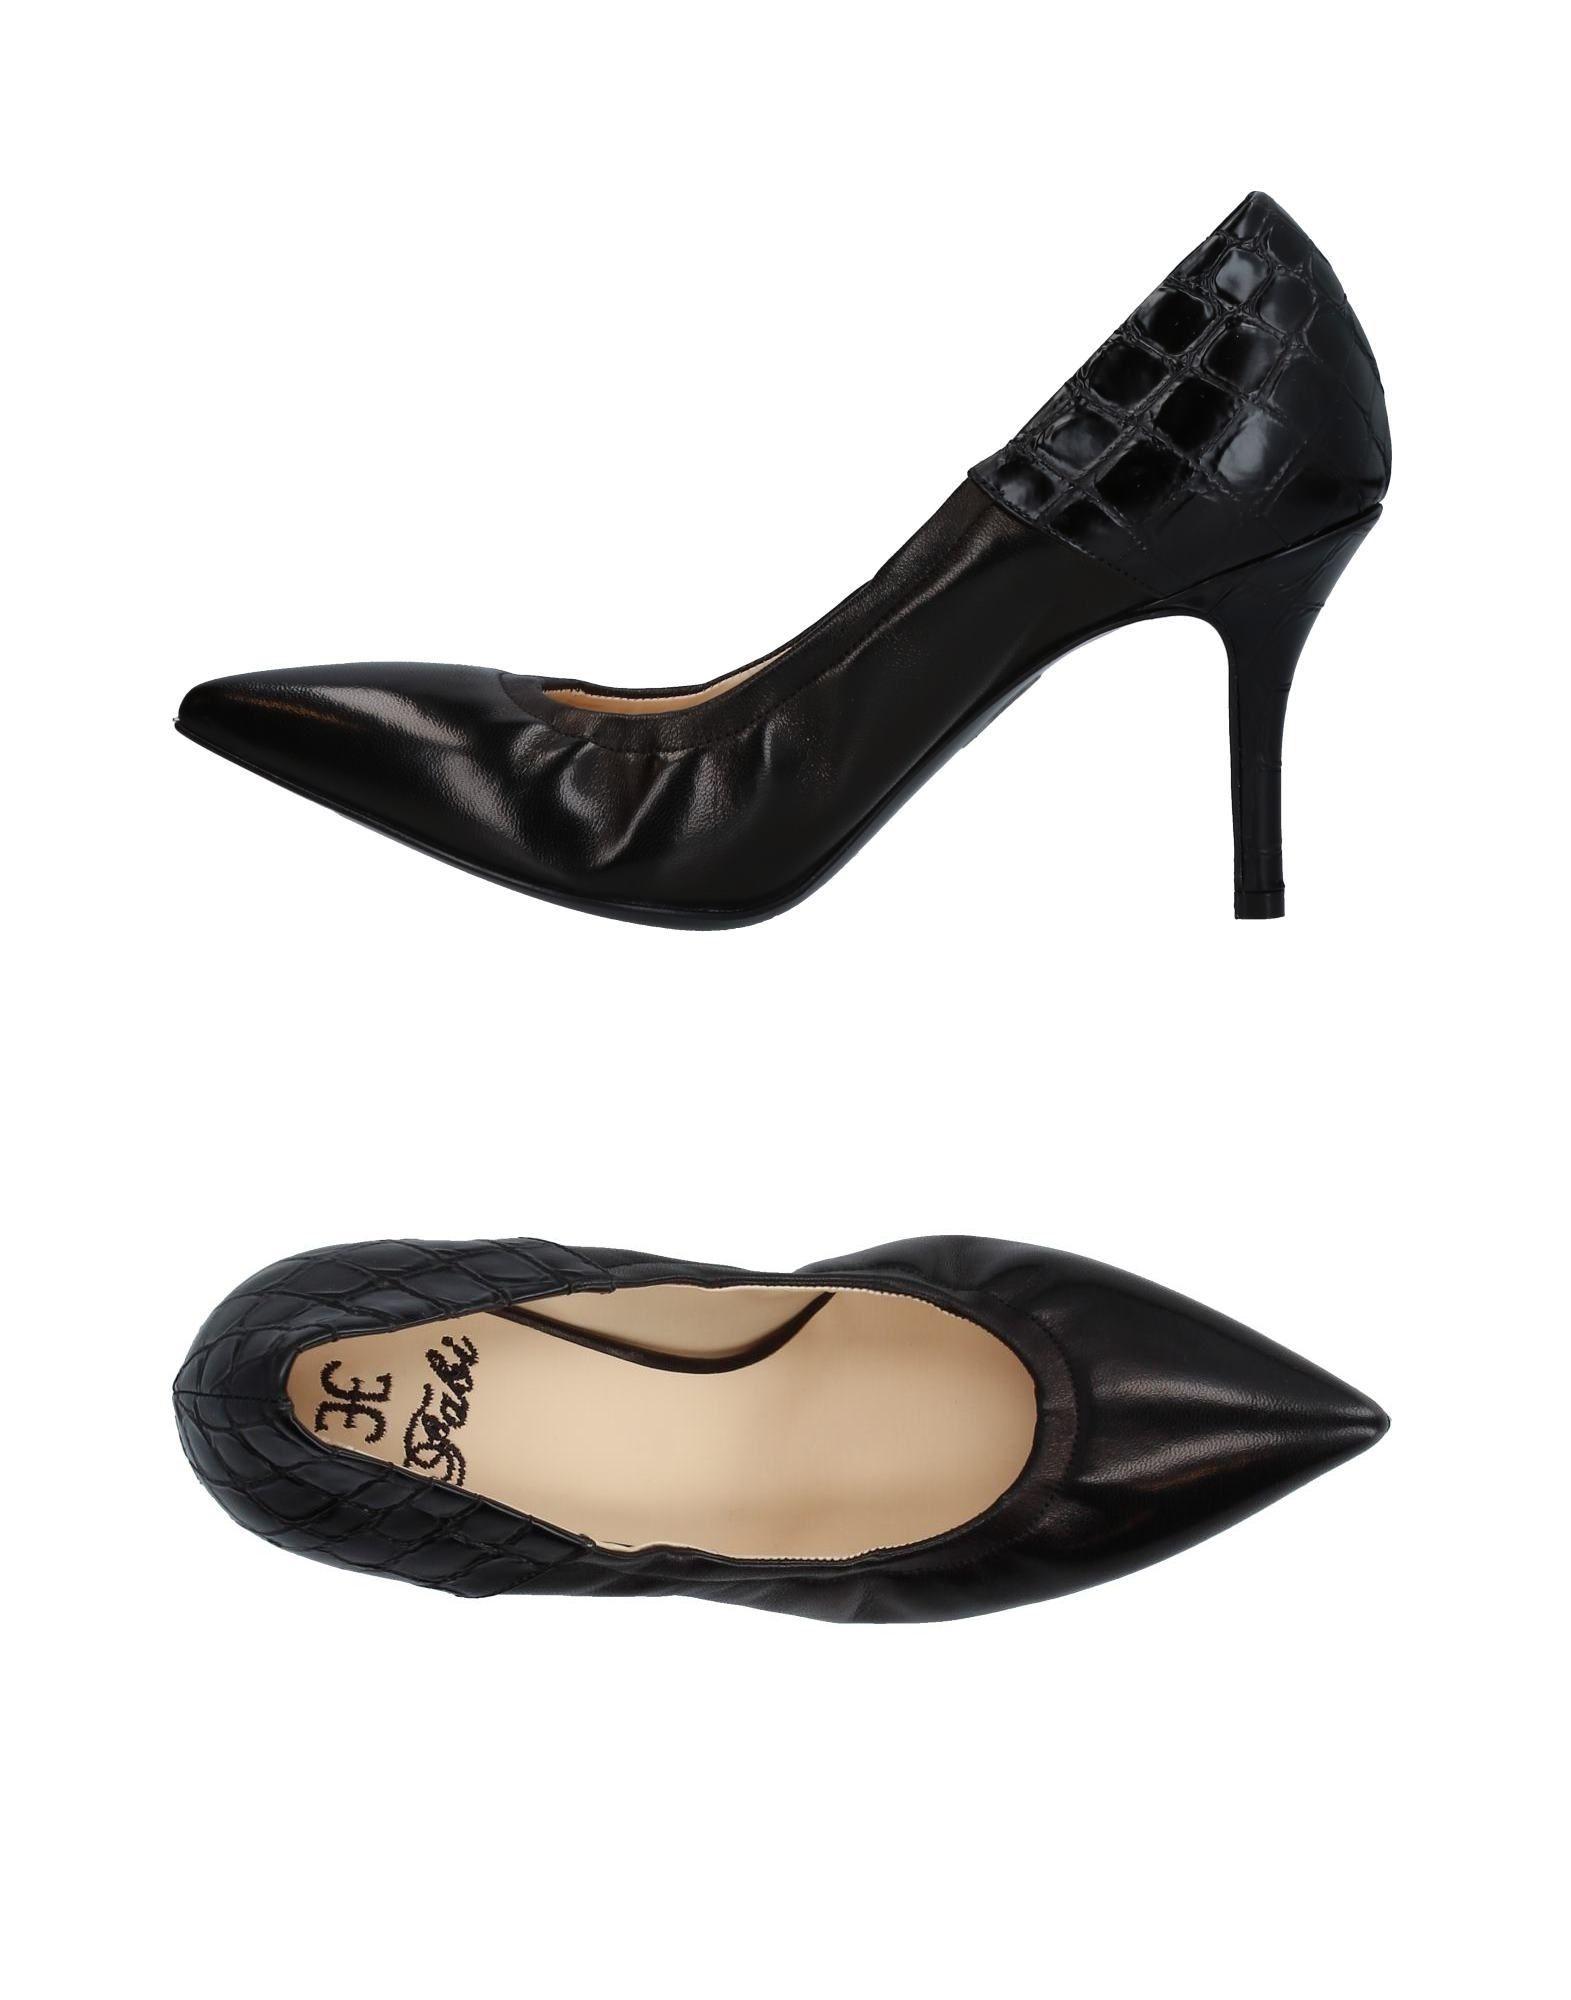 Escarpins Fabi Femme - Escarpins Fabi Rouge Confortable et belle